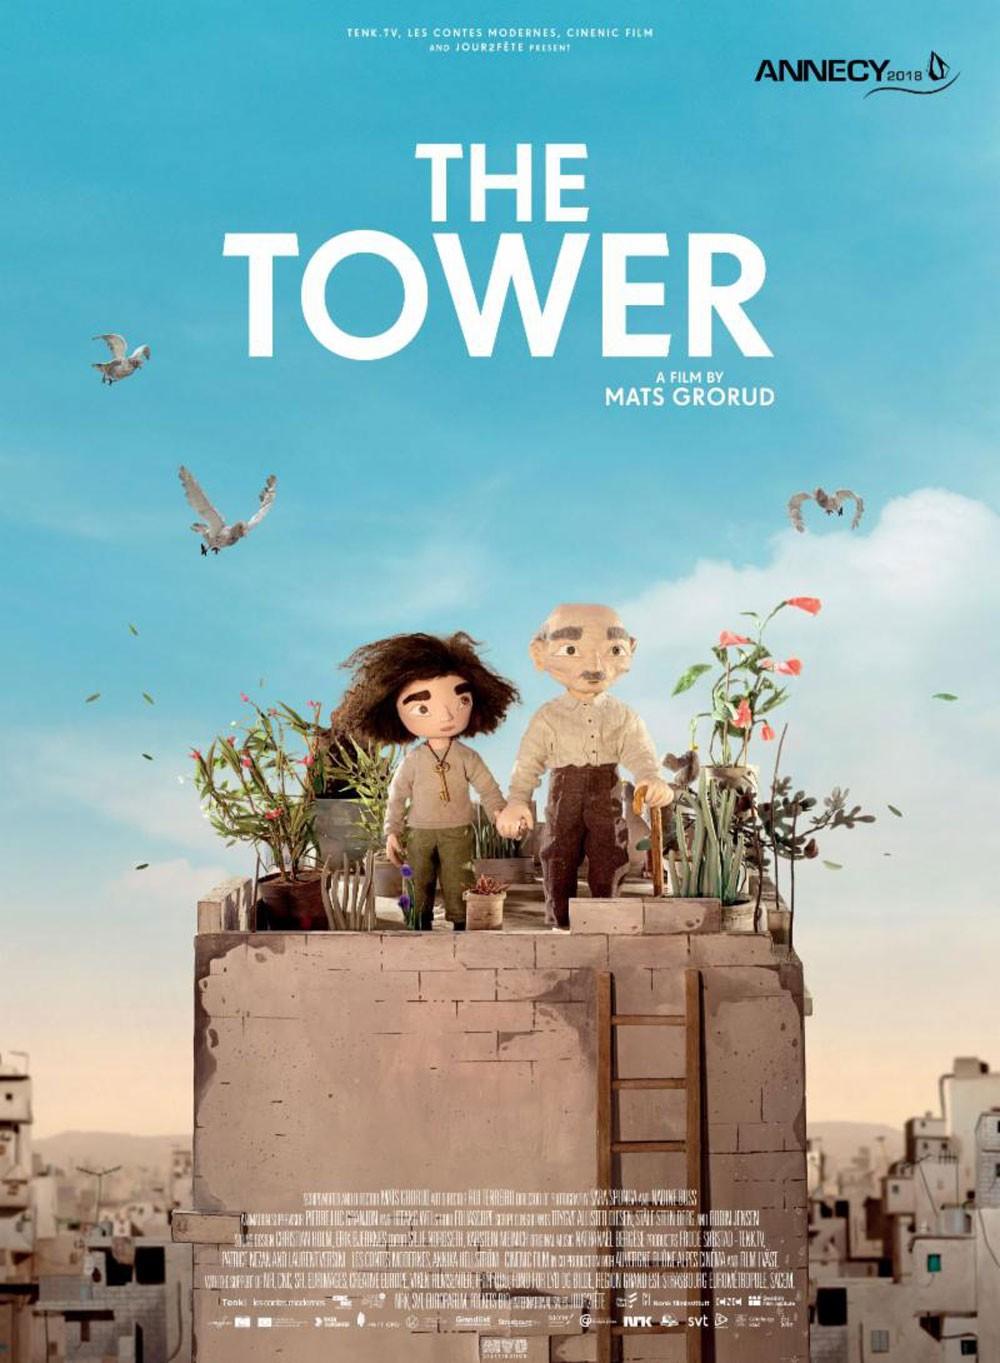 فيلم التحريك البرج يشارك في مهرجان سان سابستيان